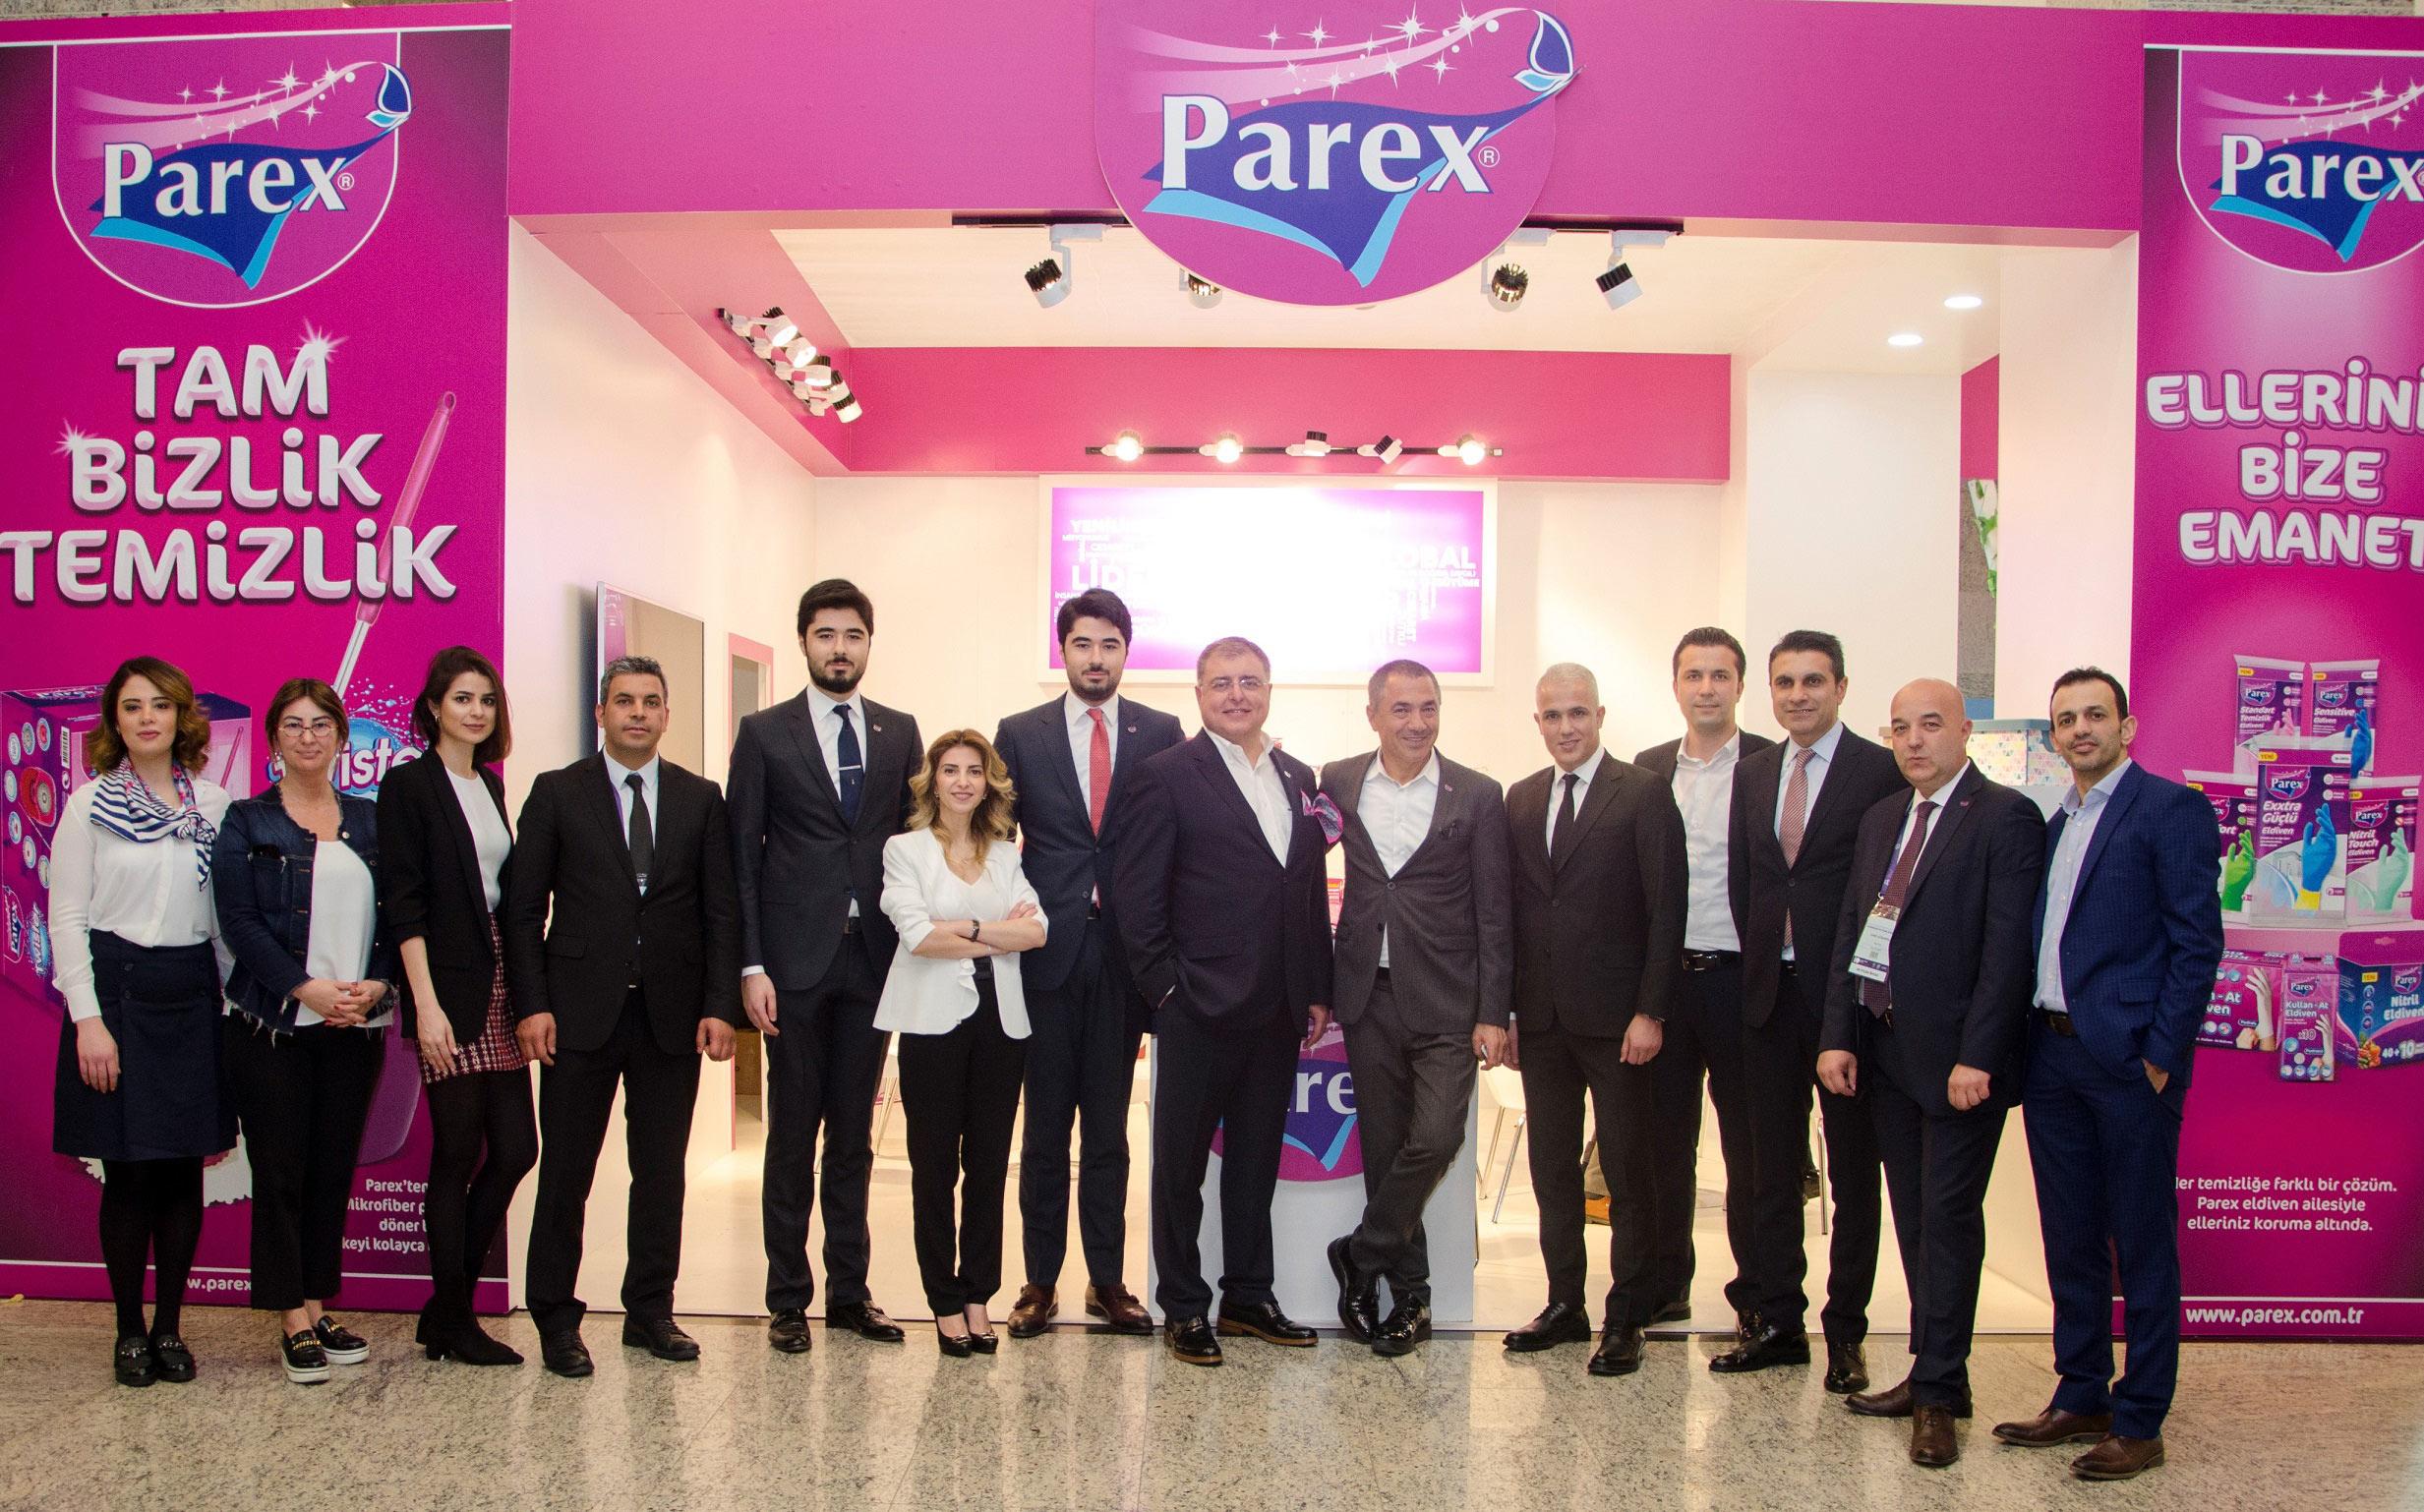 parex-yzb-2018-zirvesi-nde-sektorun-tum-dinamikleriyle-bir-araya-geldi